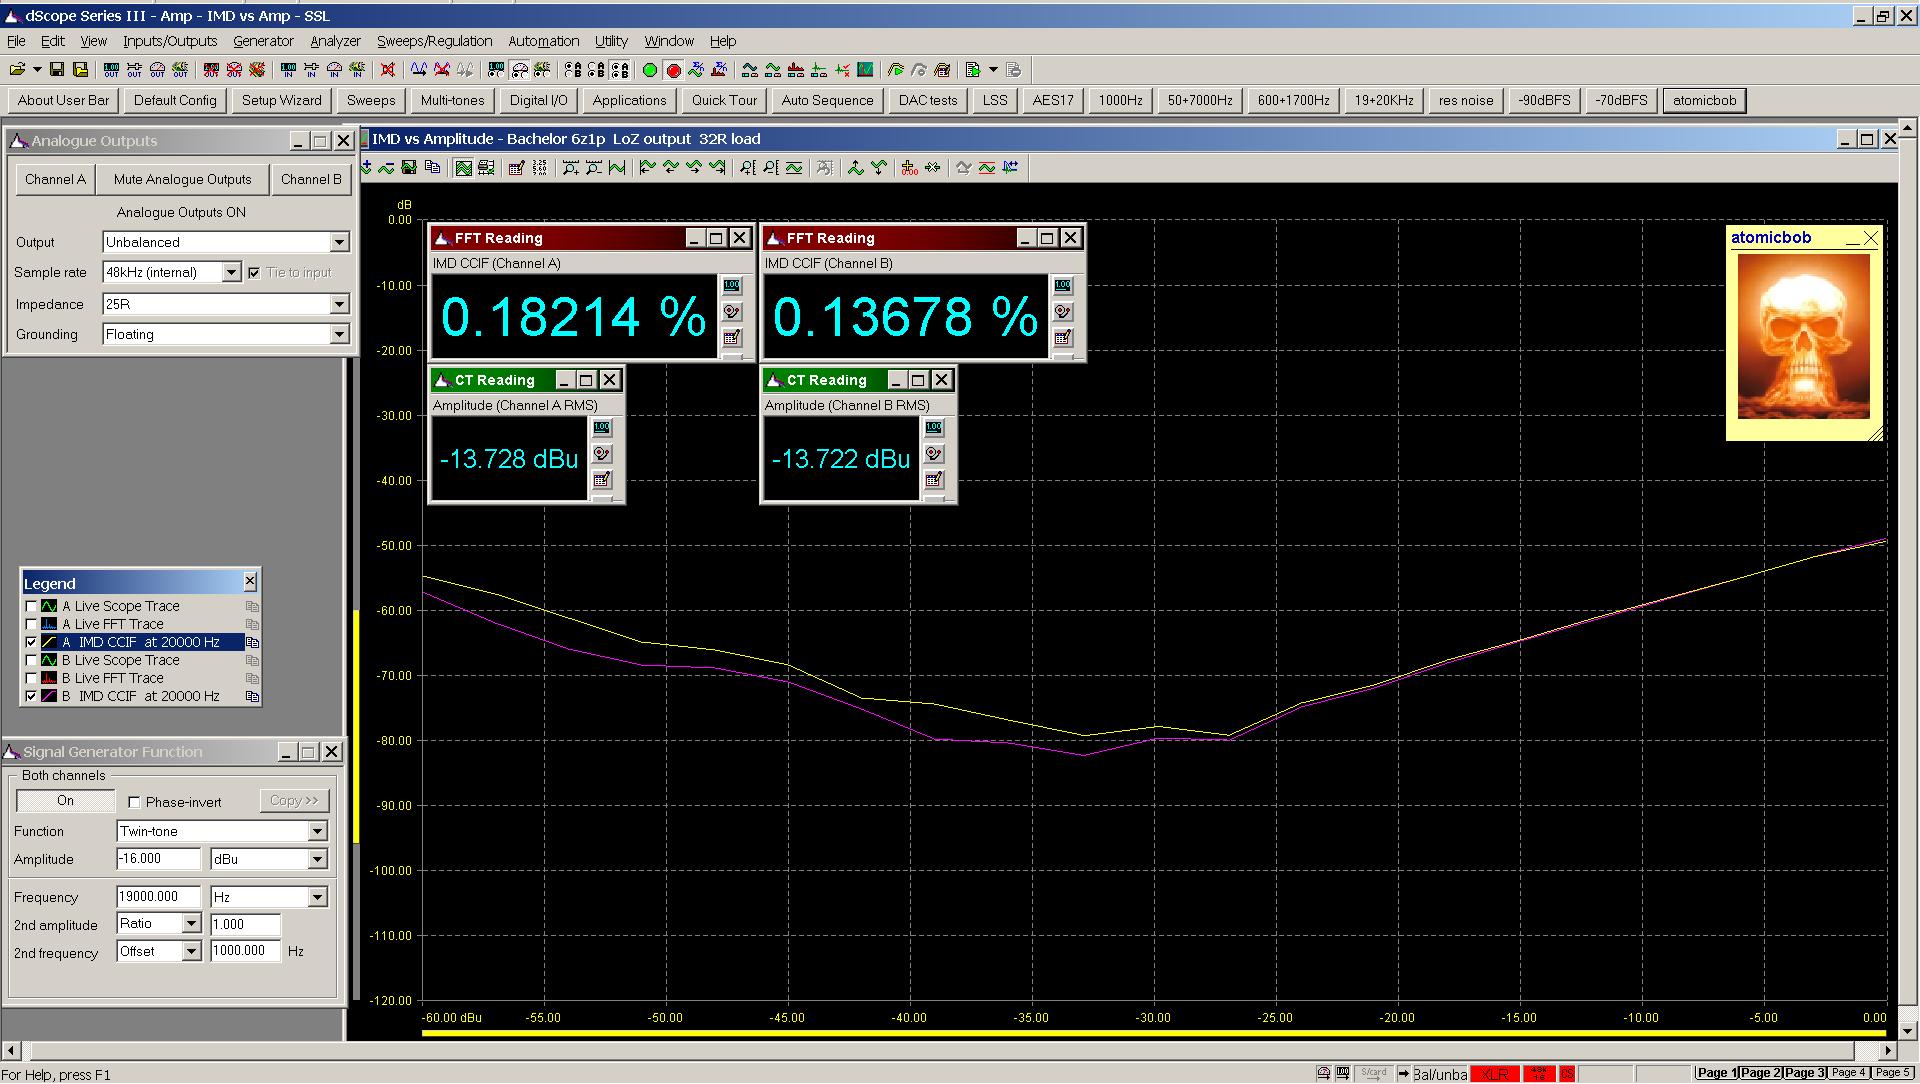 20200622 Bachelor 6z1p 19+20KHz IMD vs Amplitude 32R LoZ 0dB gain.png